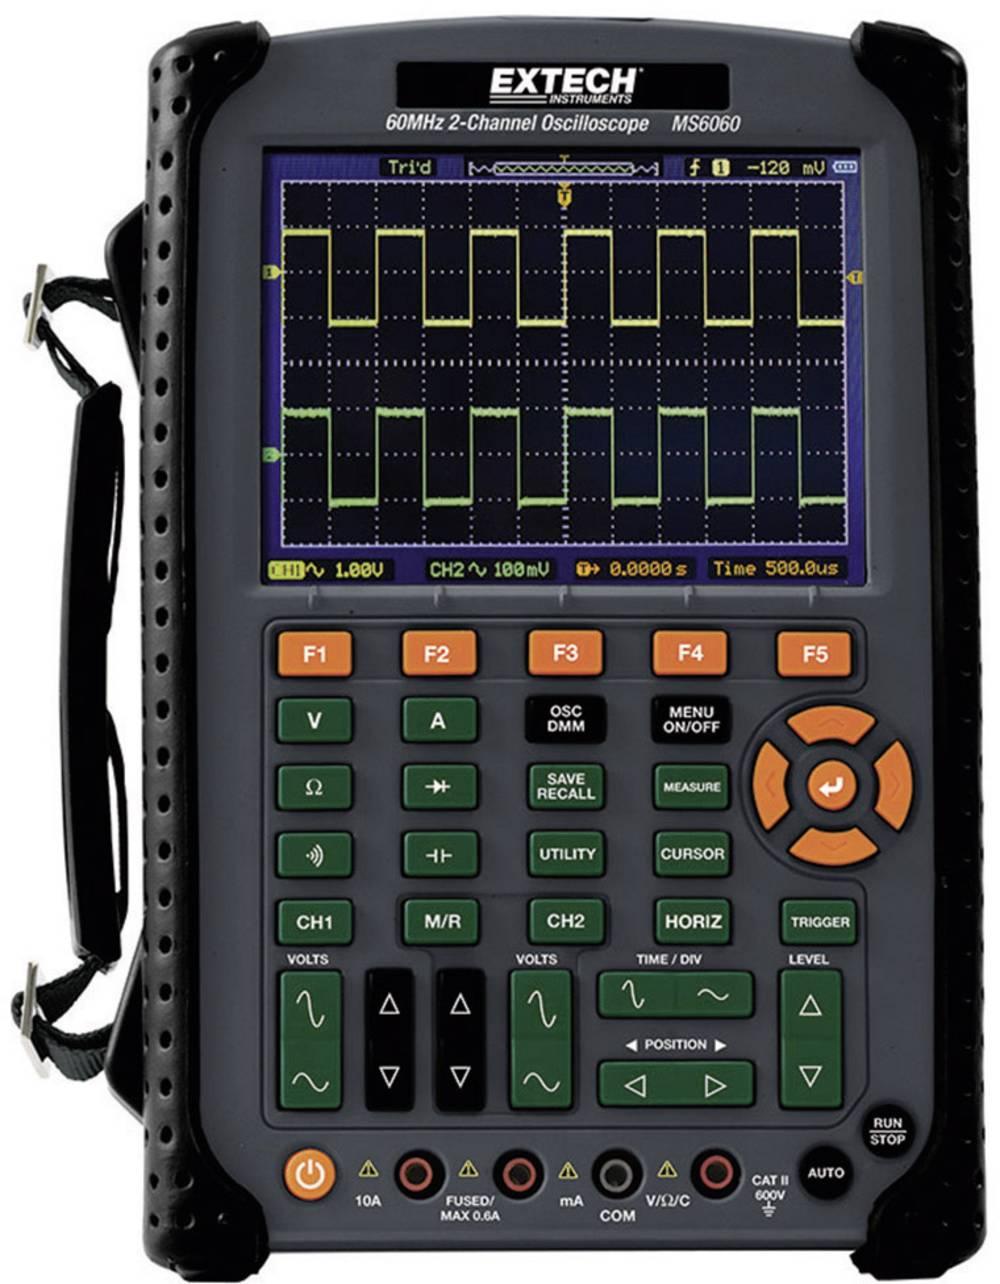 Ročni osciloskop (Scope-Meter) Extech MS6060 60 MHz 2-kanalni 500 MSa/s 512 kpts 8 Bit digitalni pomnilnik(DSO), multi-meterska